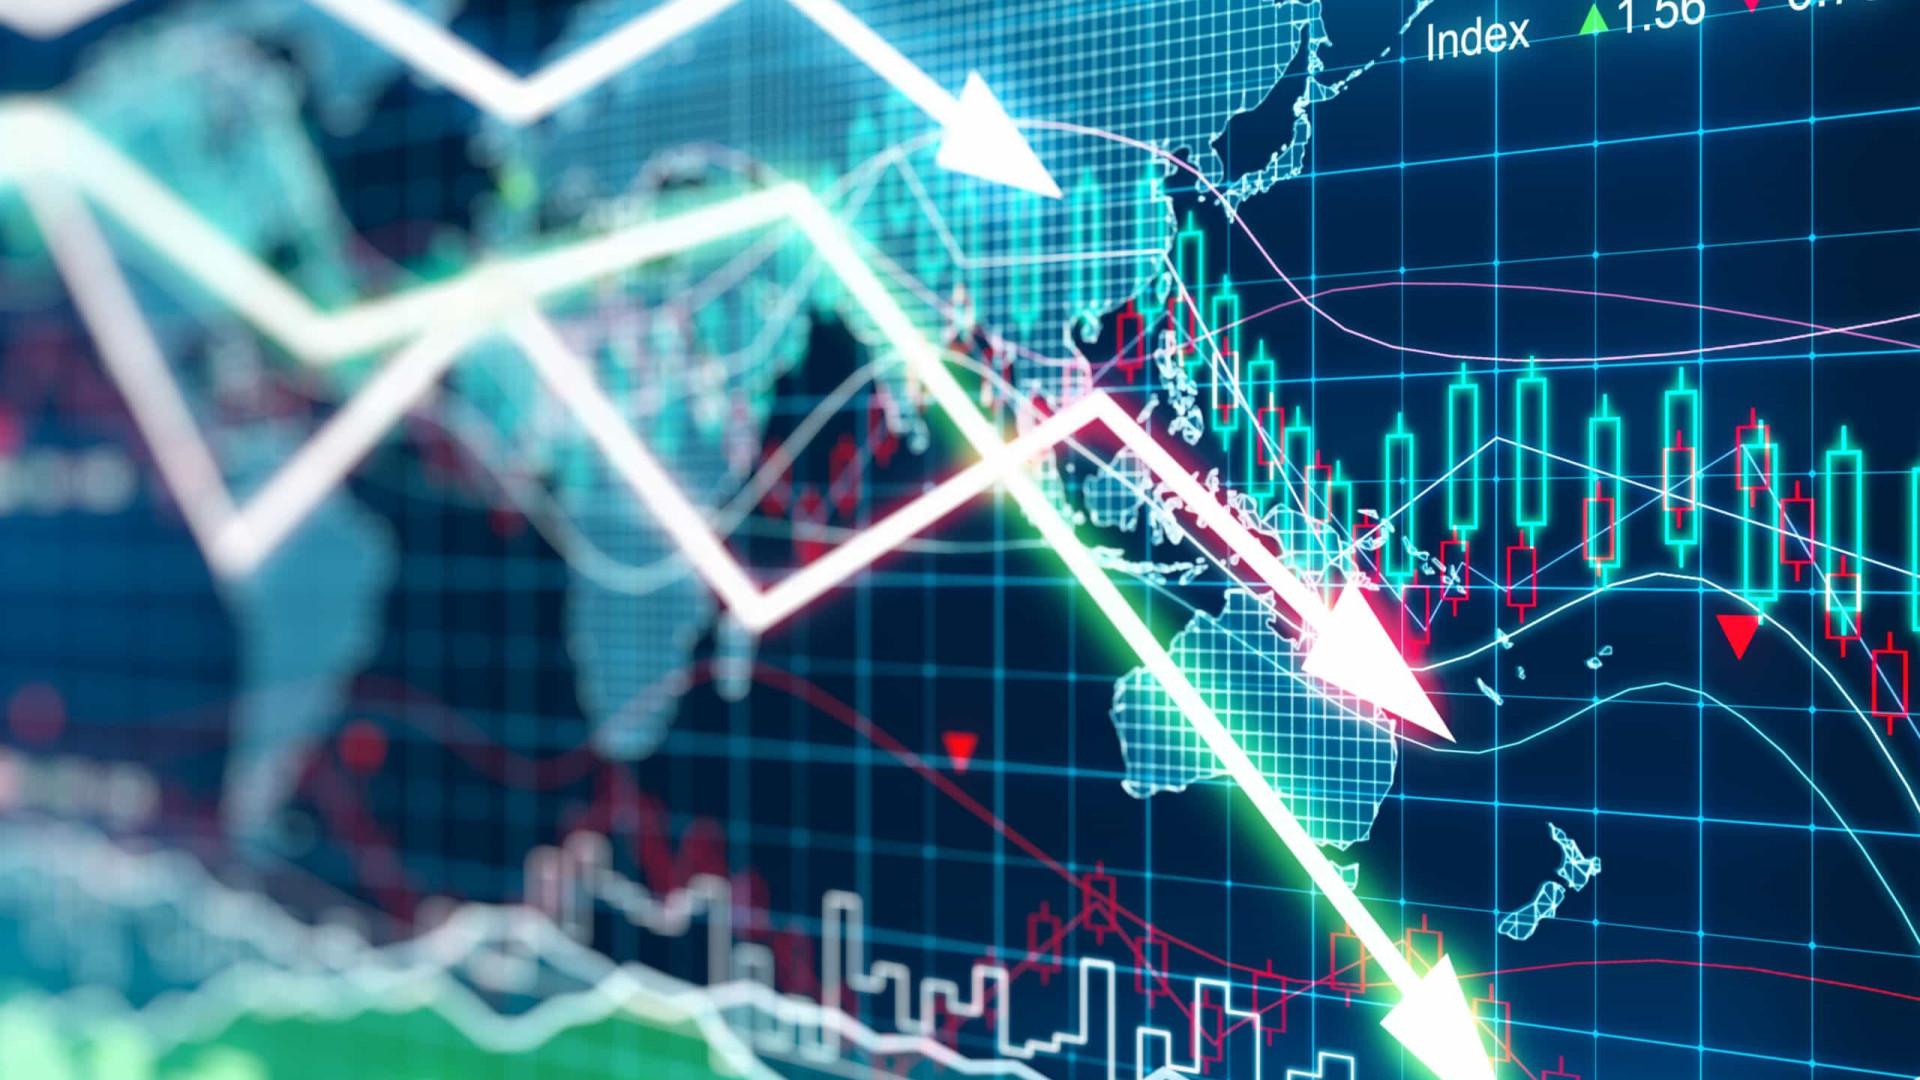 Indicadores de emprego indicam percepção negativa sobre mercado